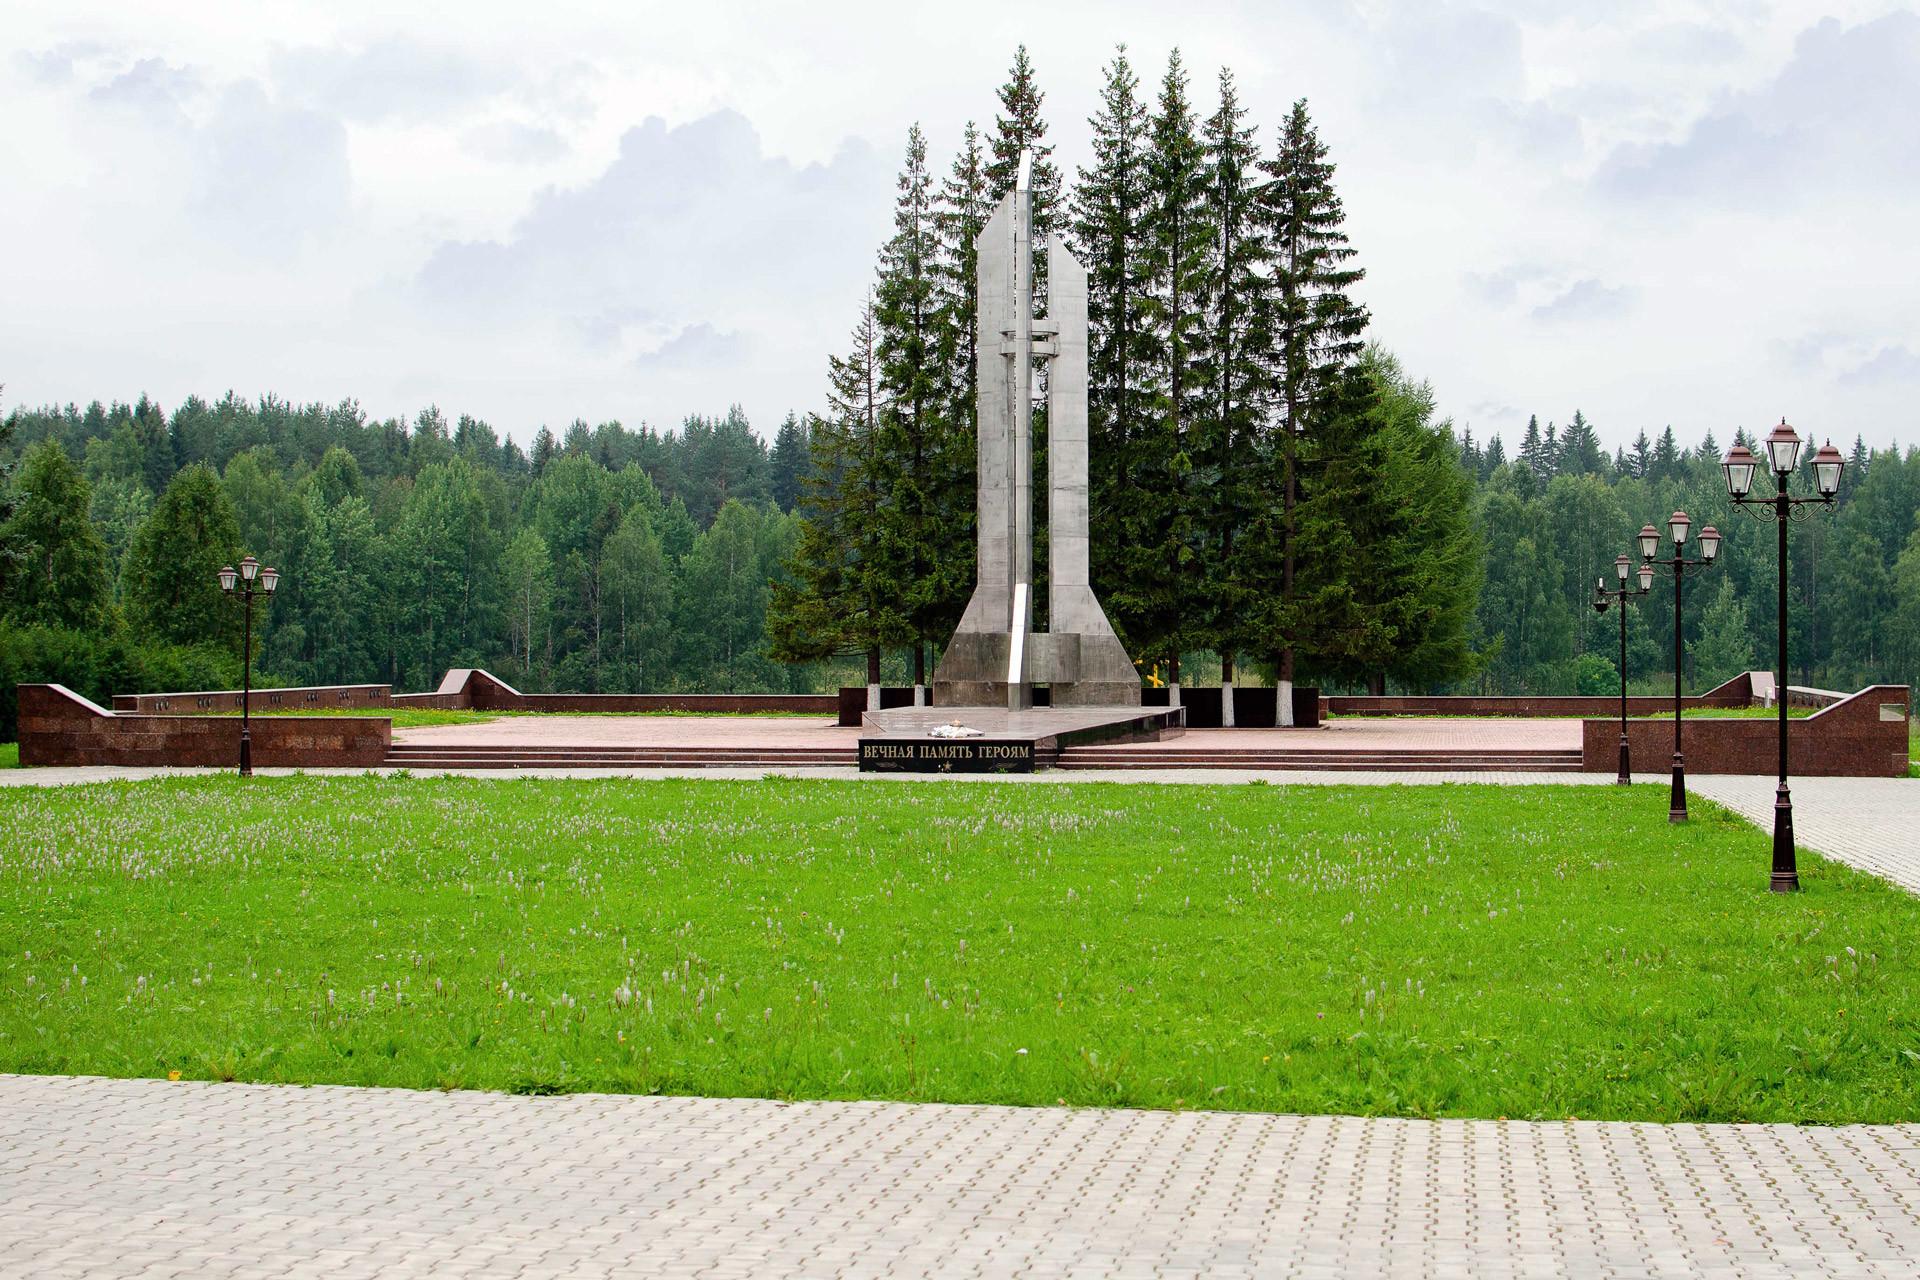 Spomenik nesreče v Plesecku na tamkajšnjem pokopališču.